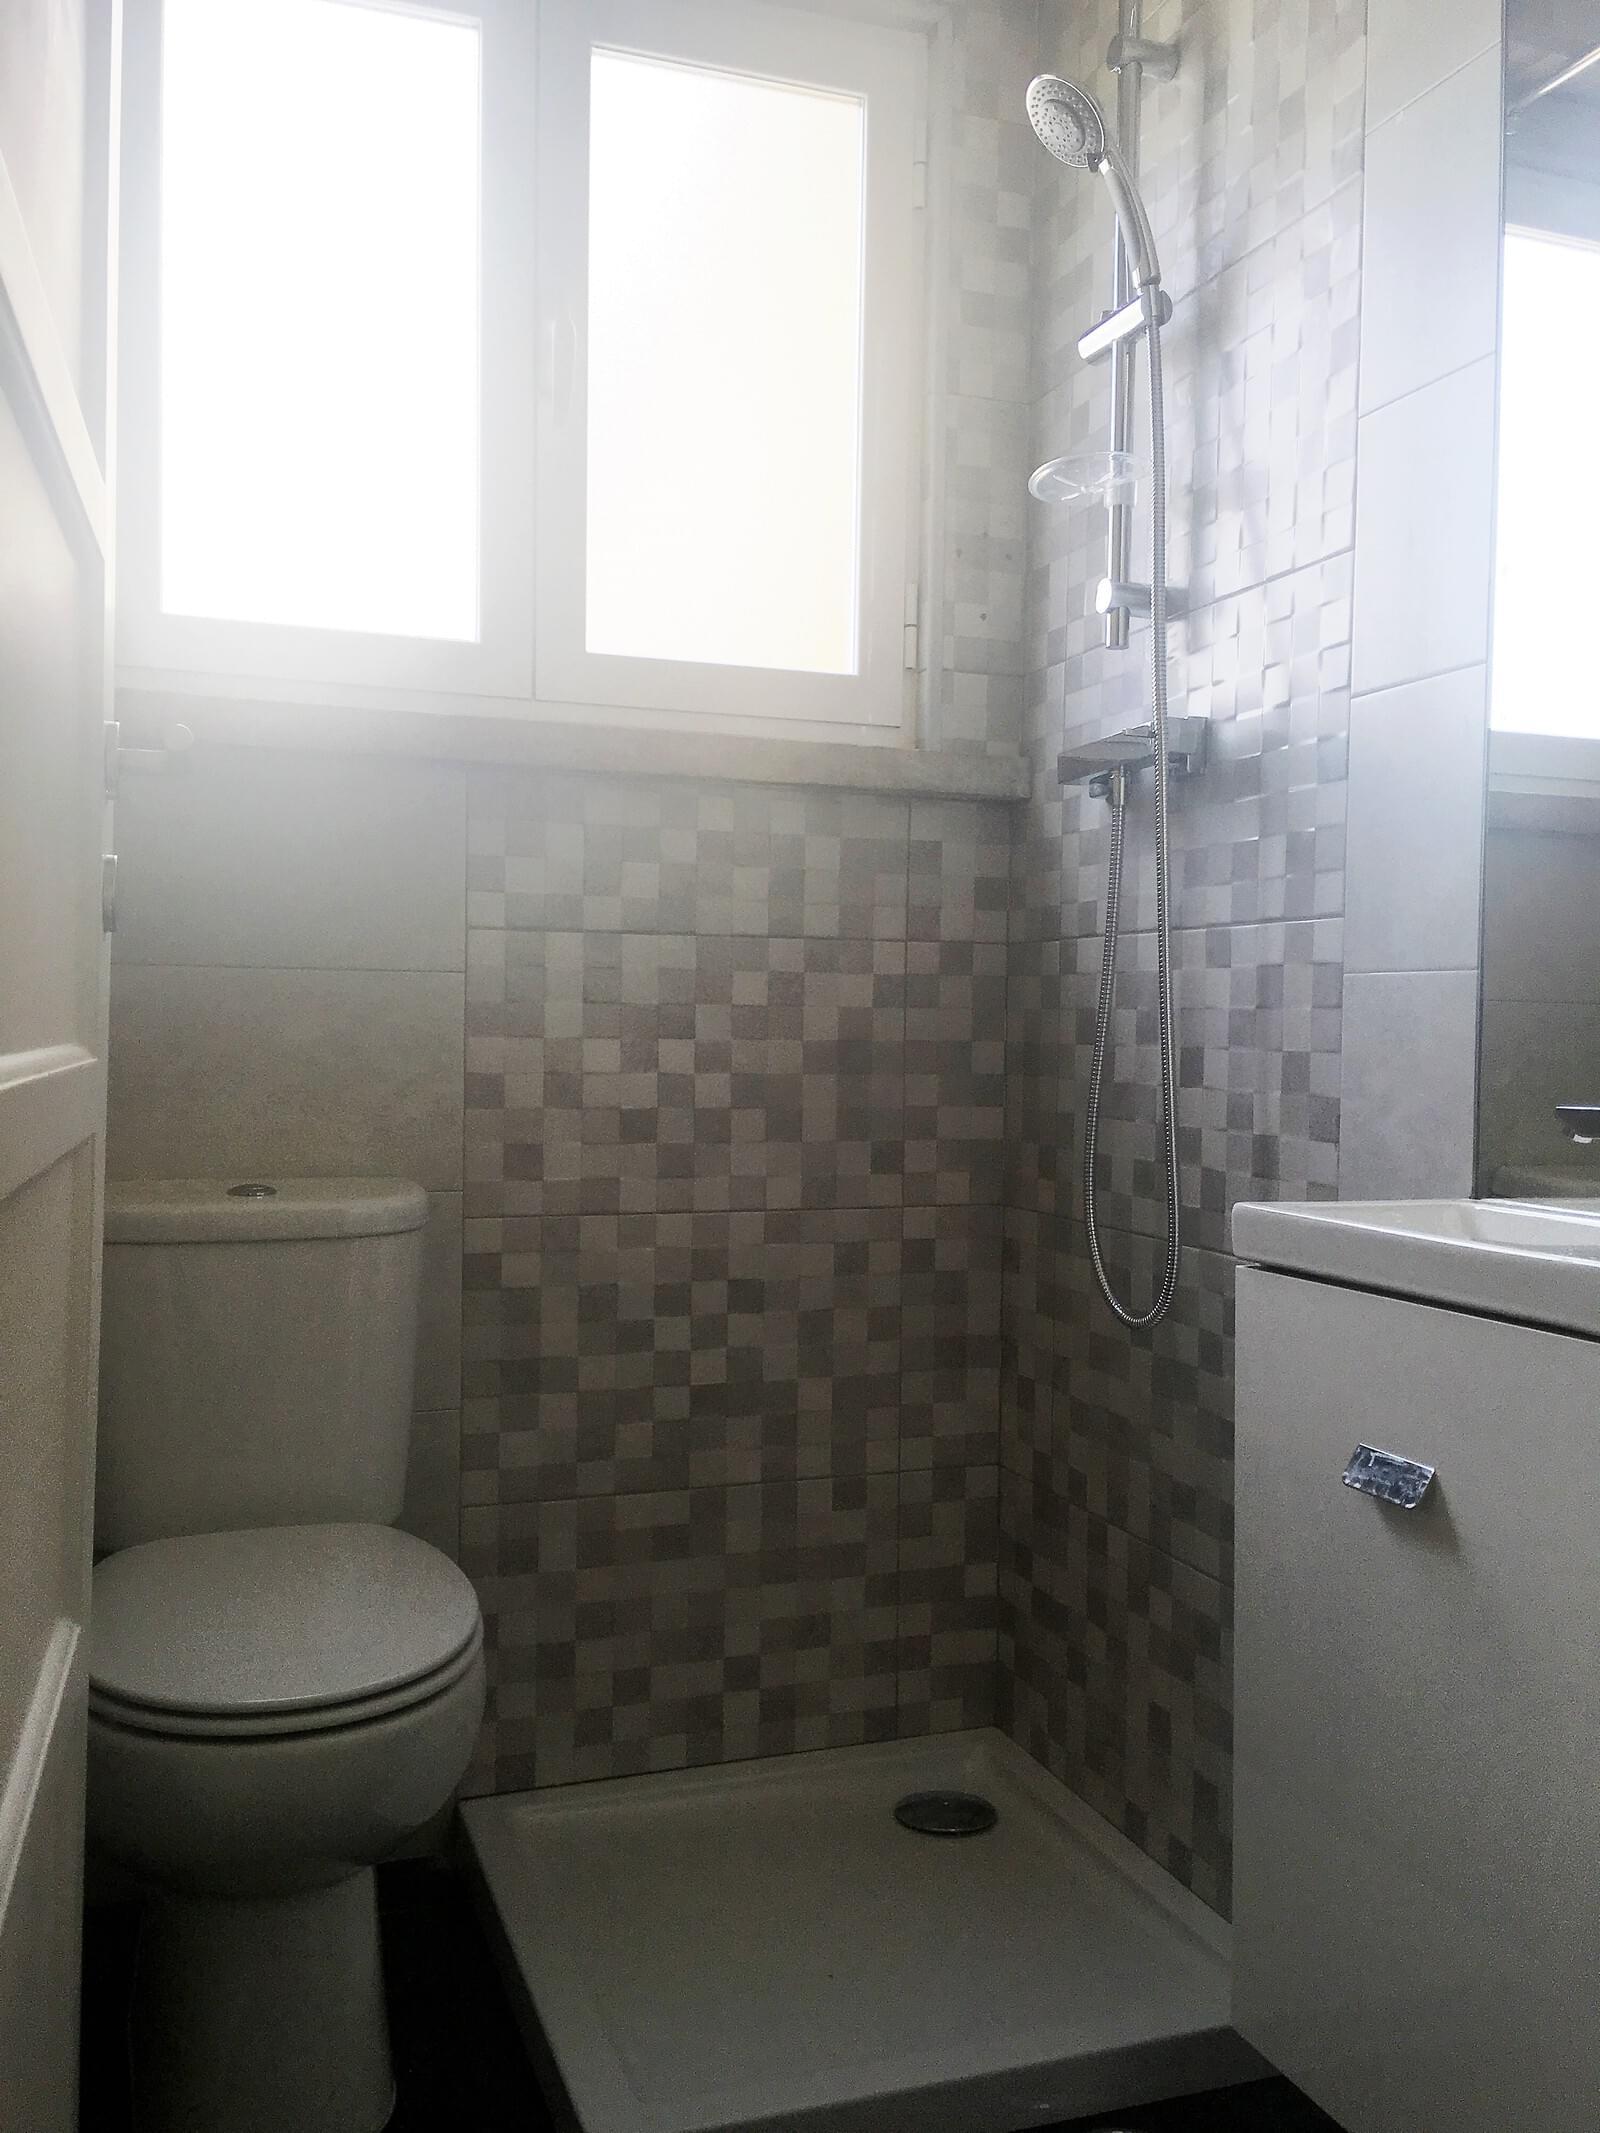 pf17642-apartamento-t3-lisboa-18408e74-c3d5-4cc6-adfd-4a2282b6273f